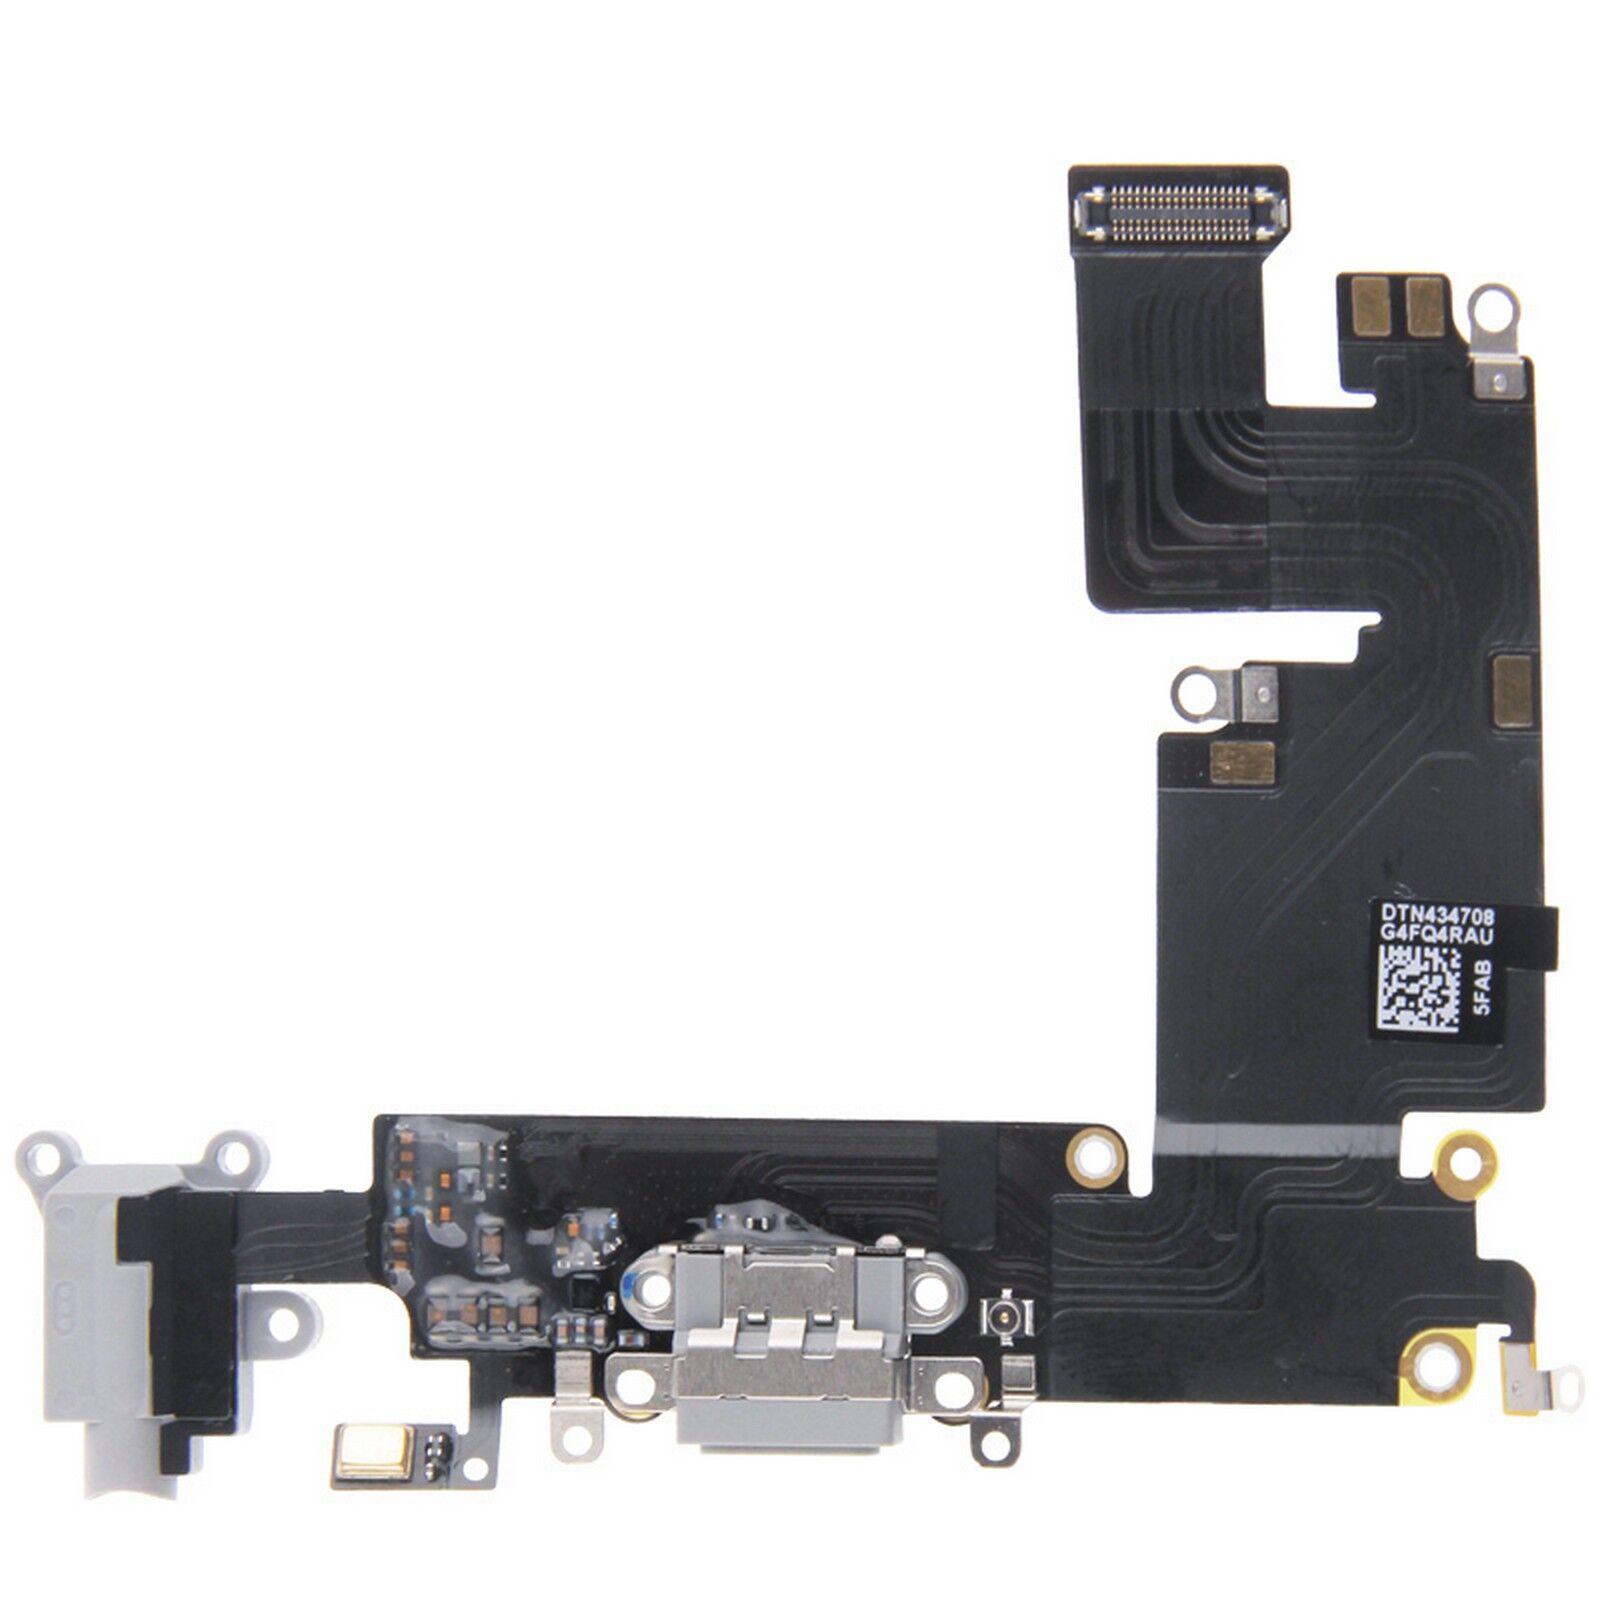 digital bay connettore carica dock microfono ricarica audio apple iphone 6 plus grigio scuro